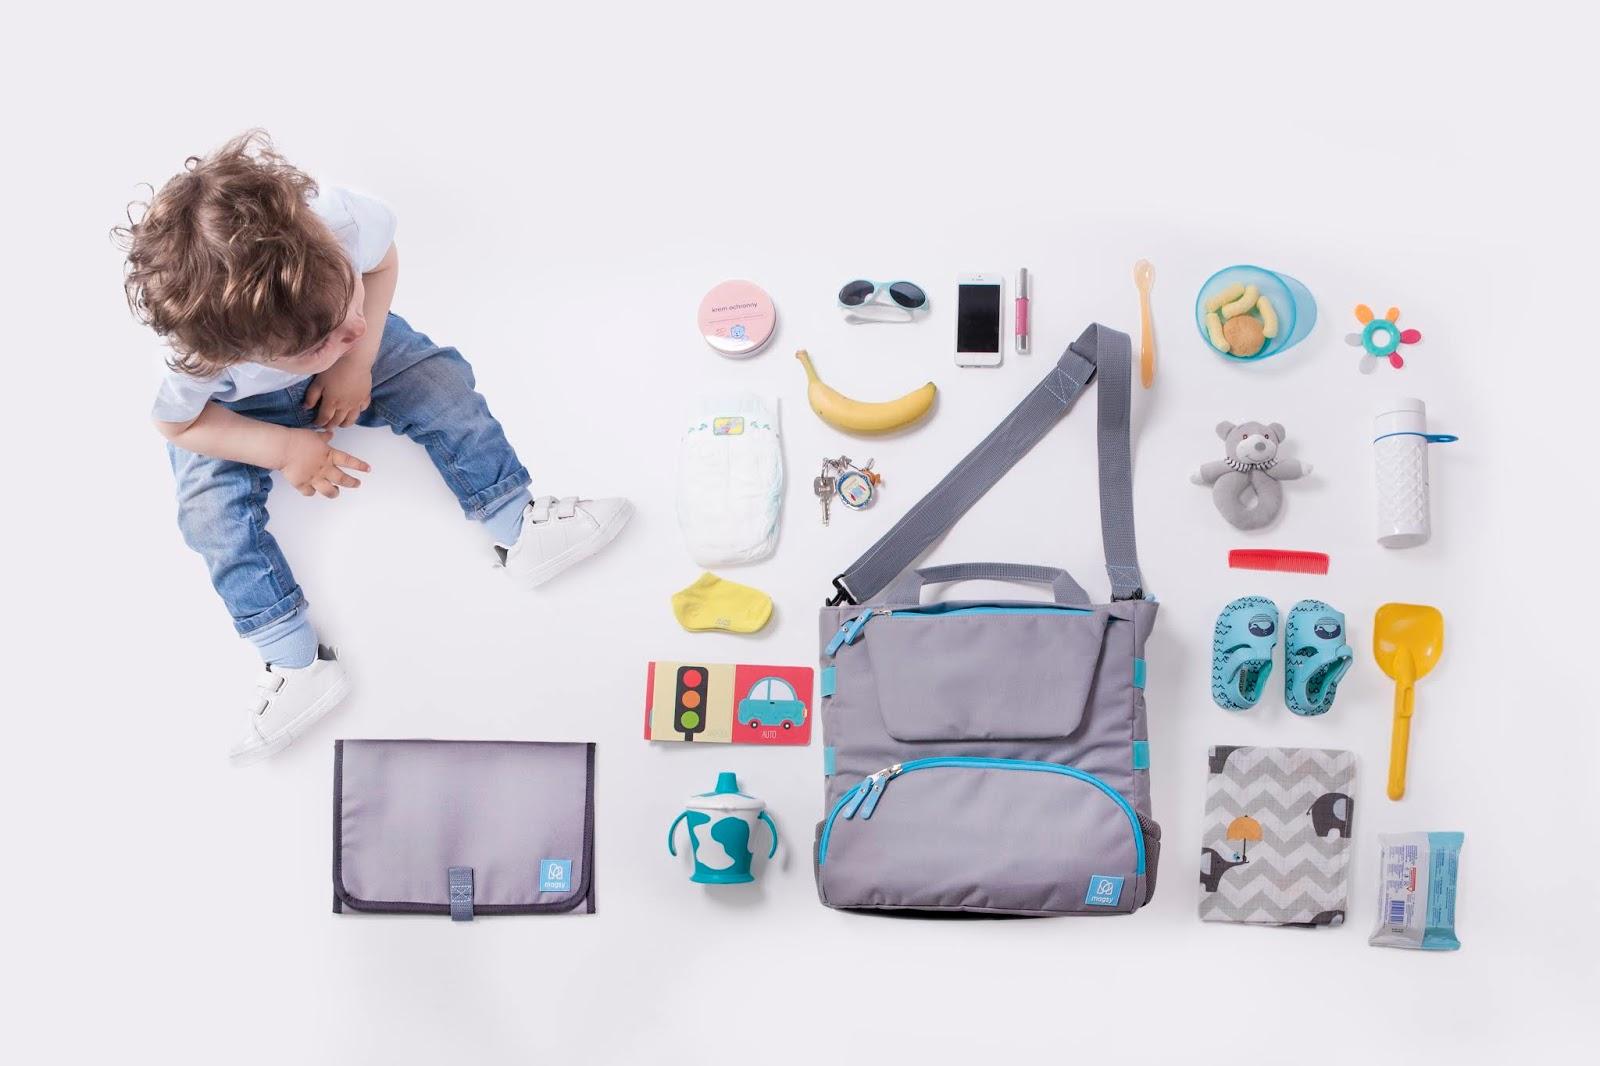 85a7ae3ef5102 Mana Mana to marka nowoczesnych, ręcznie wykonywanych torebek oraz  akcesoriów, założona przez Marcelinę Rozmus-Prinz. Produkty dostępne są w  wielu ...